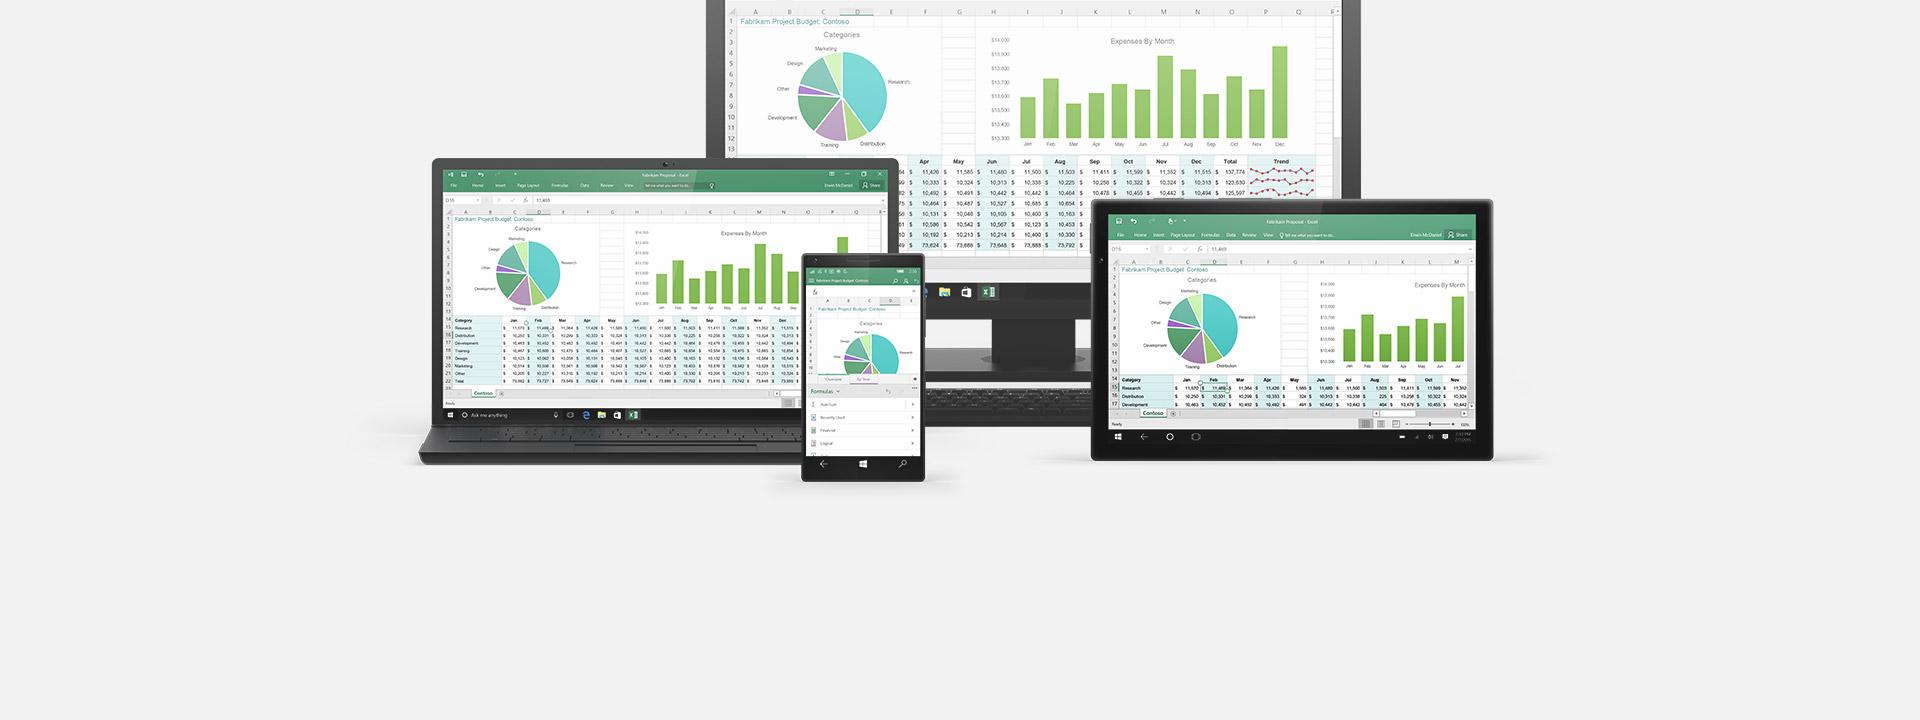 ใช้ได้บนอุปกรณ์หลากหลาย เรียนรู้เกี่ยวกับ Office 365